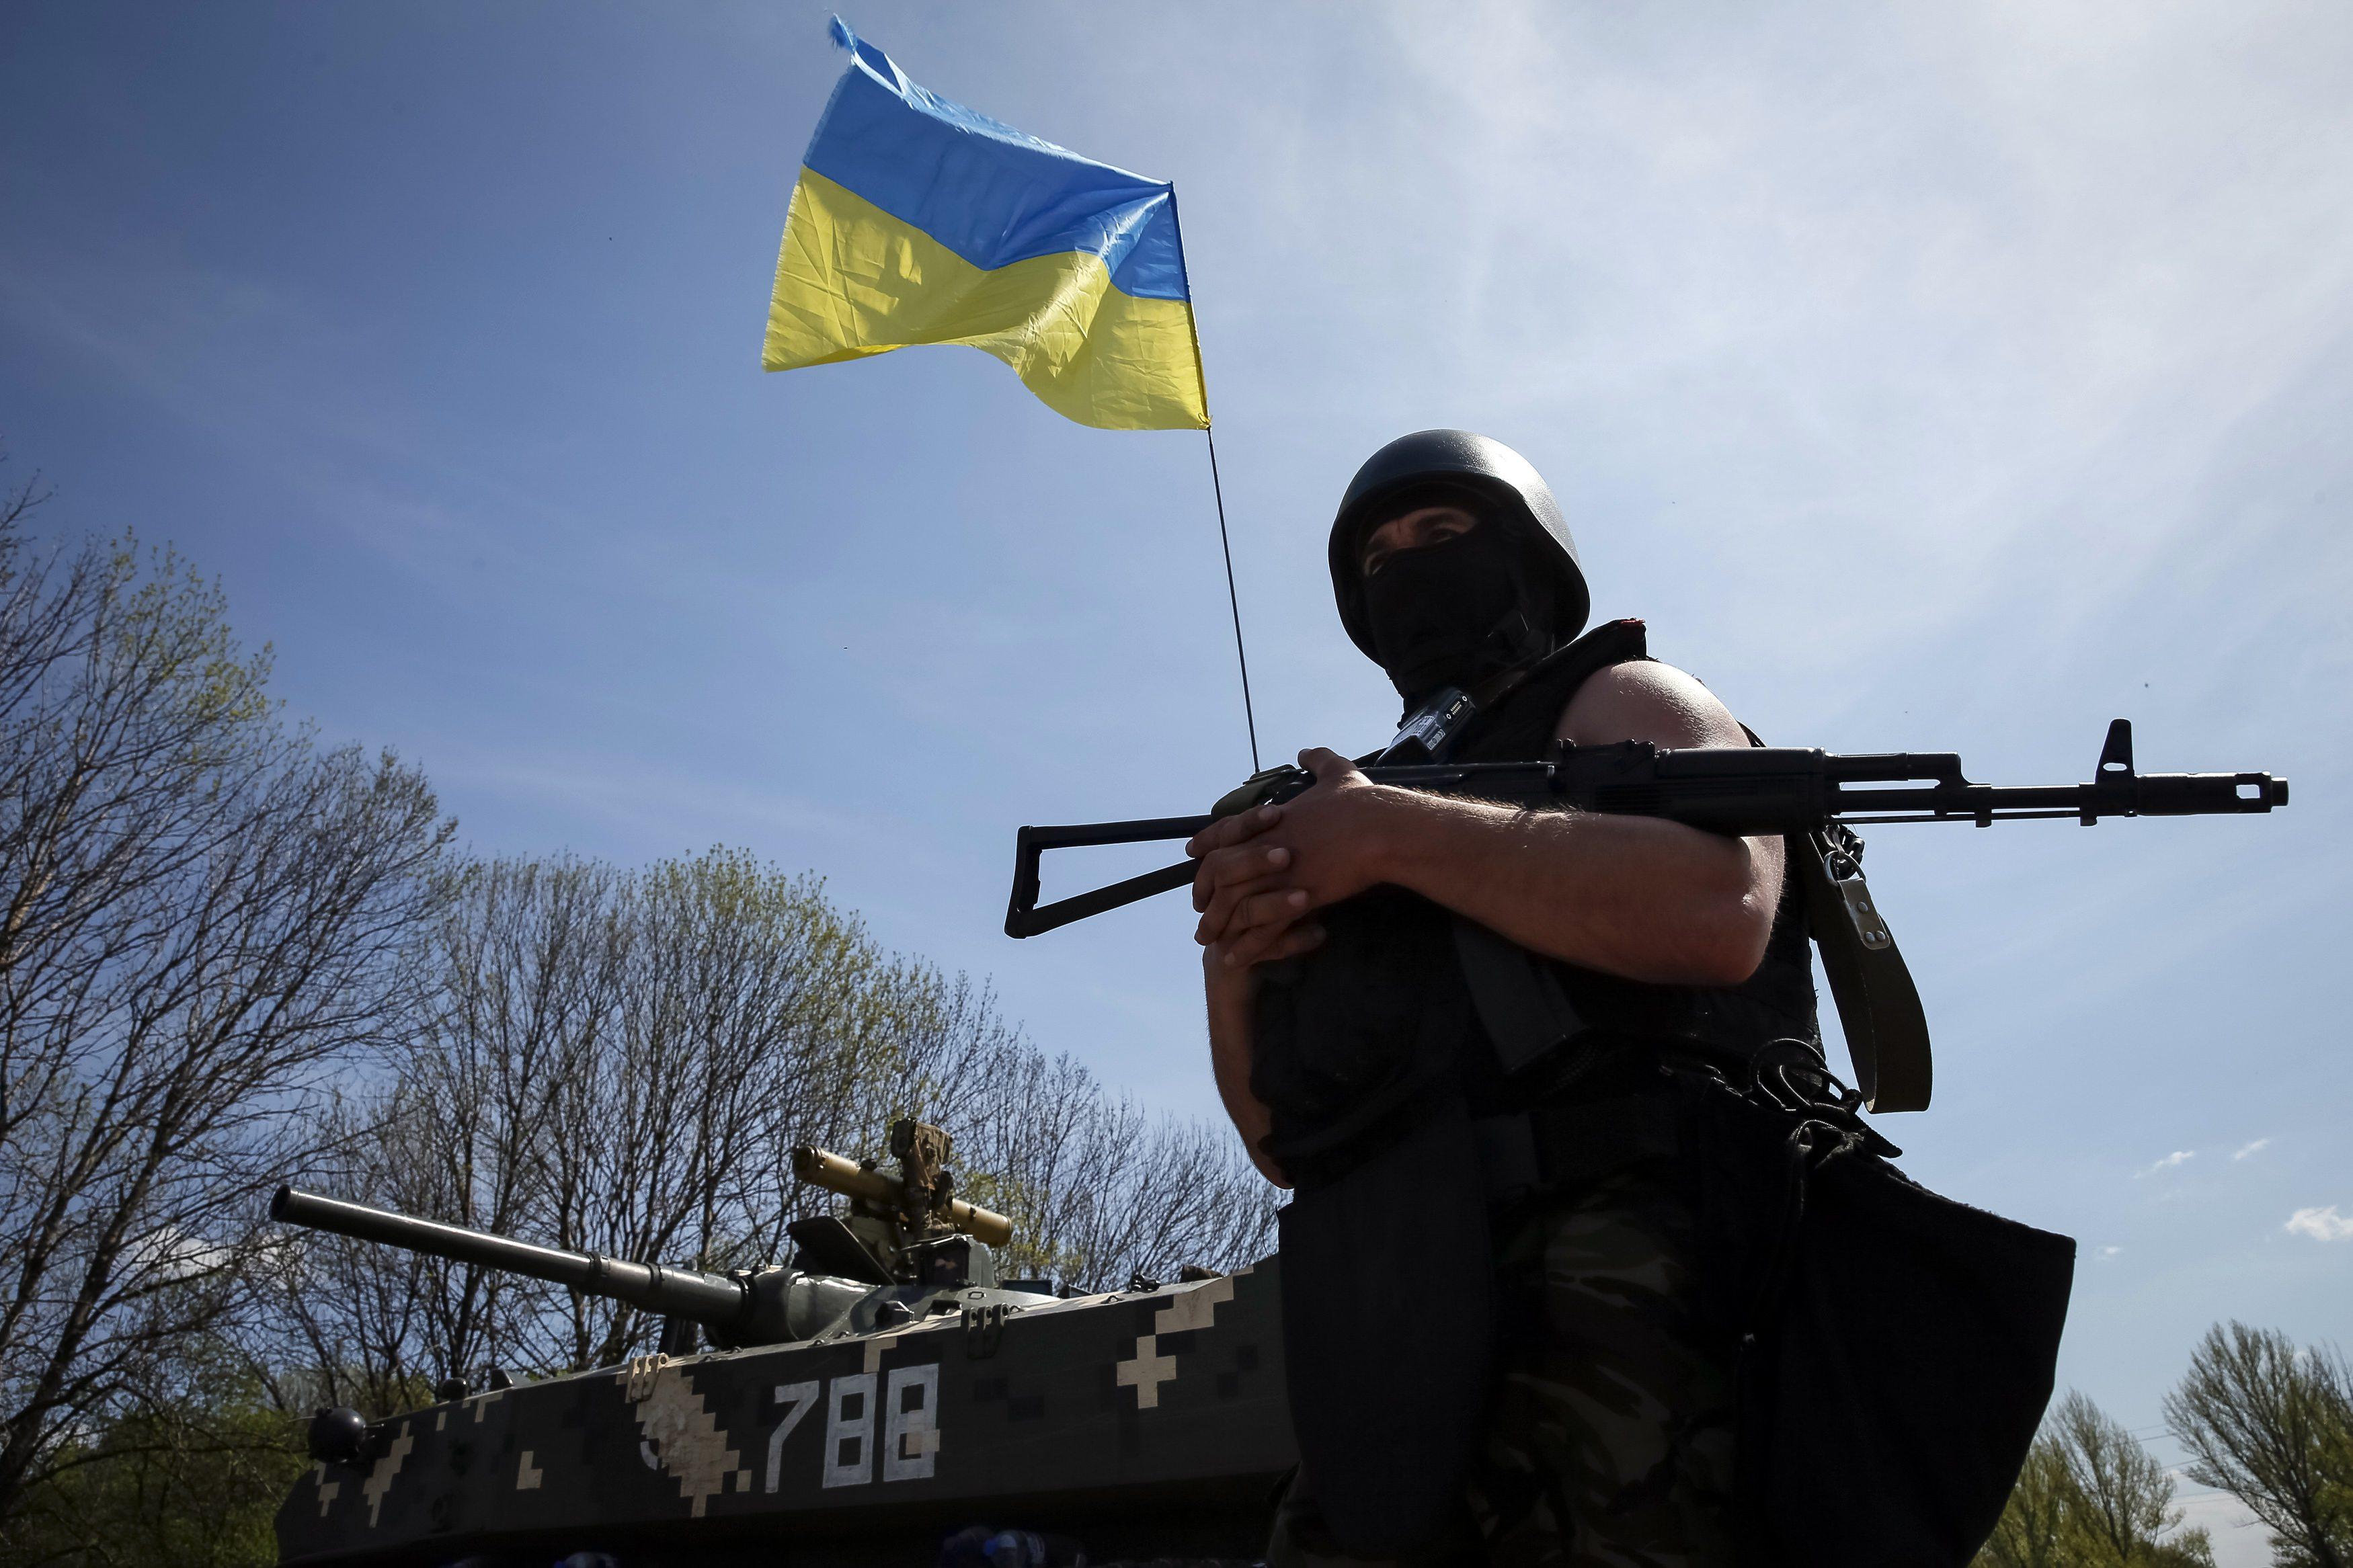 """""""Наши бы так никогда не сделали, до последней капли крови дрались бы за украинский флаг"""": бойцы АТО о подробностях кровавой битвы на Луганщине и трусости отступавших боевиков"""